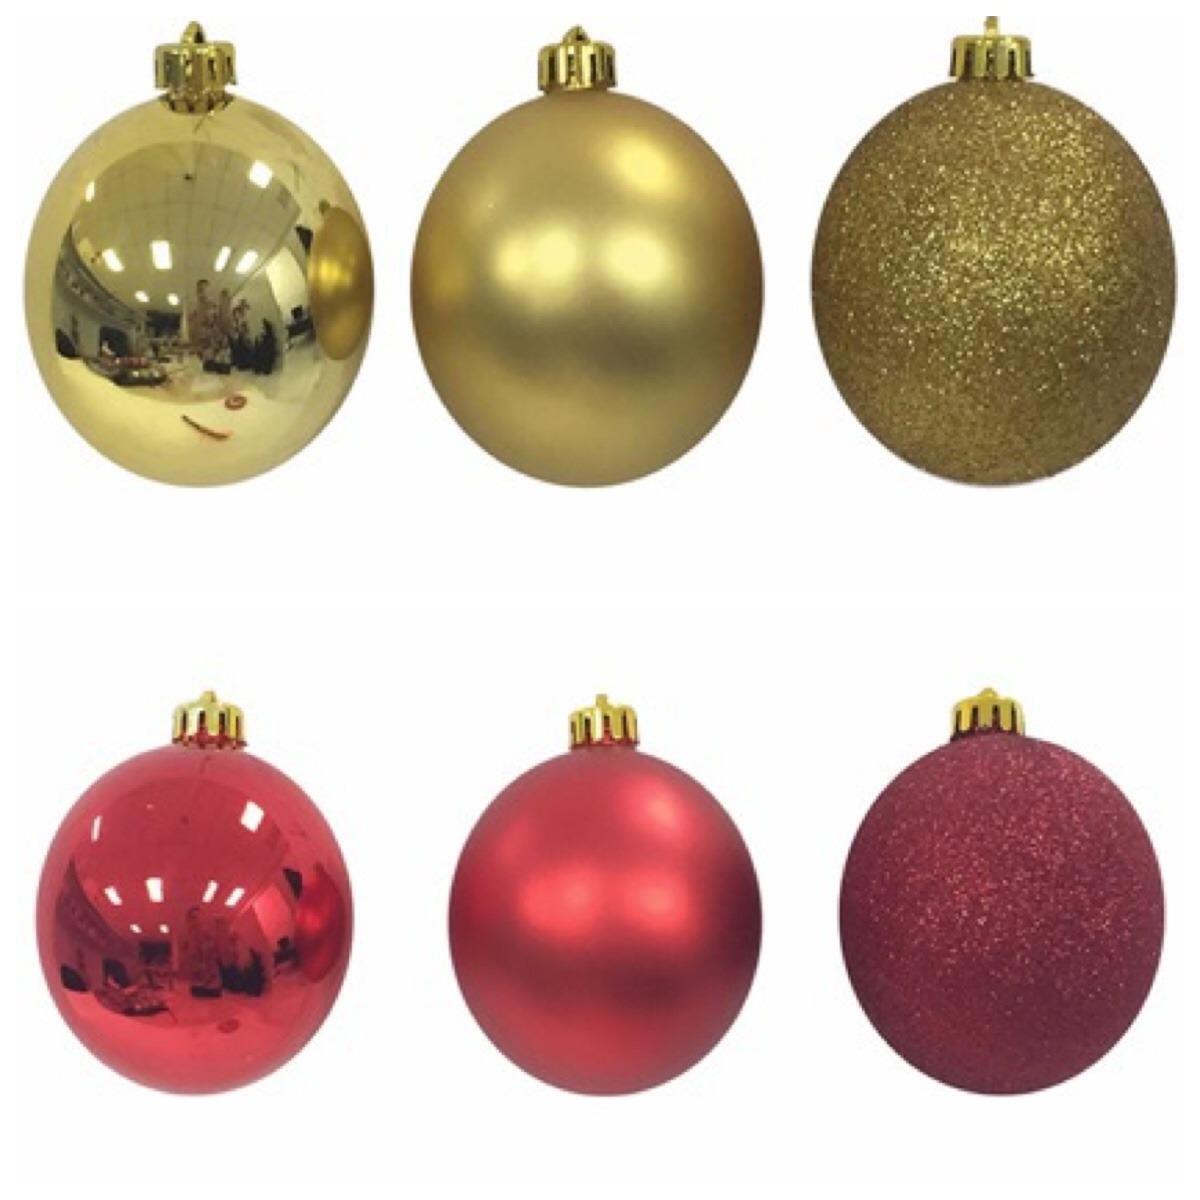 decoracao arvore de natal vermelha e dourada : decoracao arvore de natal vermelha e dourada:100 Bolas Ornamentais Arvore Natal Vermelha E Dourada 8cm – R$ 319,00